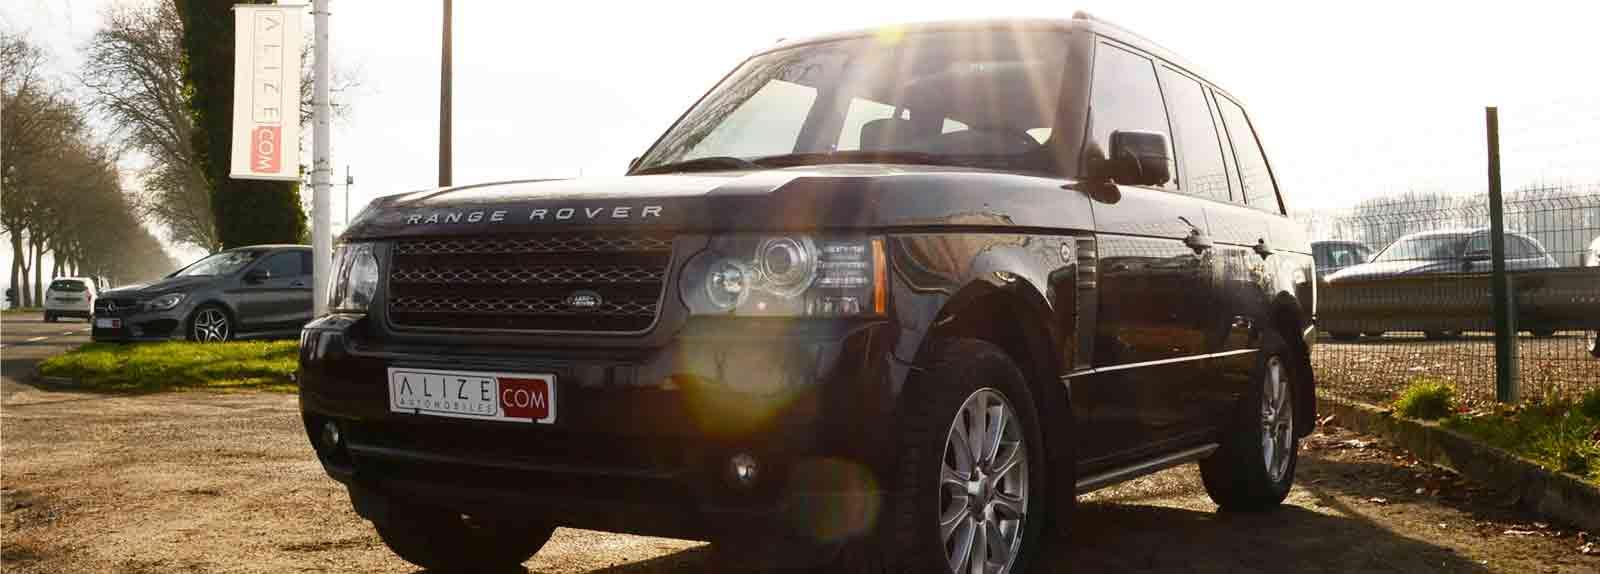 Land Rover Range Rover 4.4 TDV8 Vogue Mark X